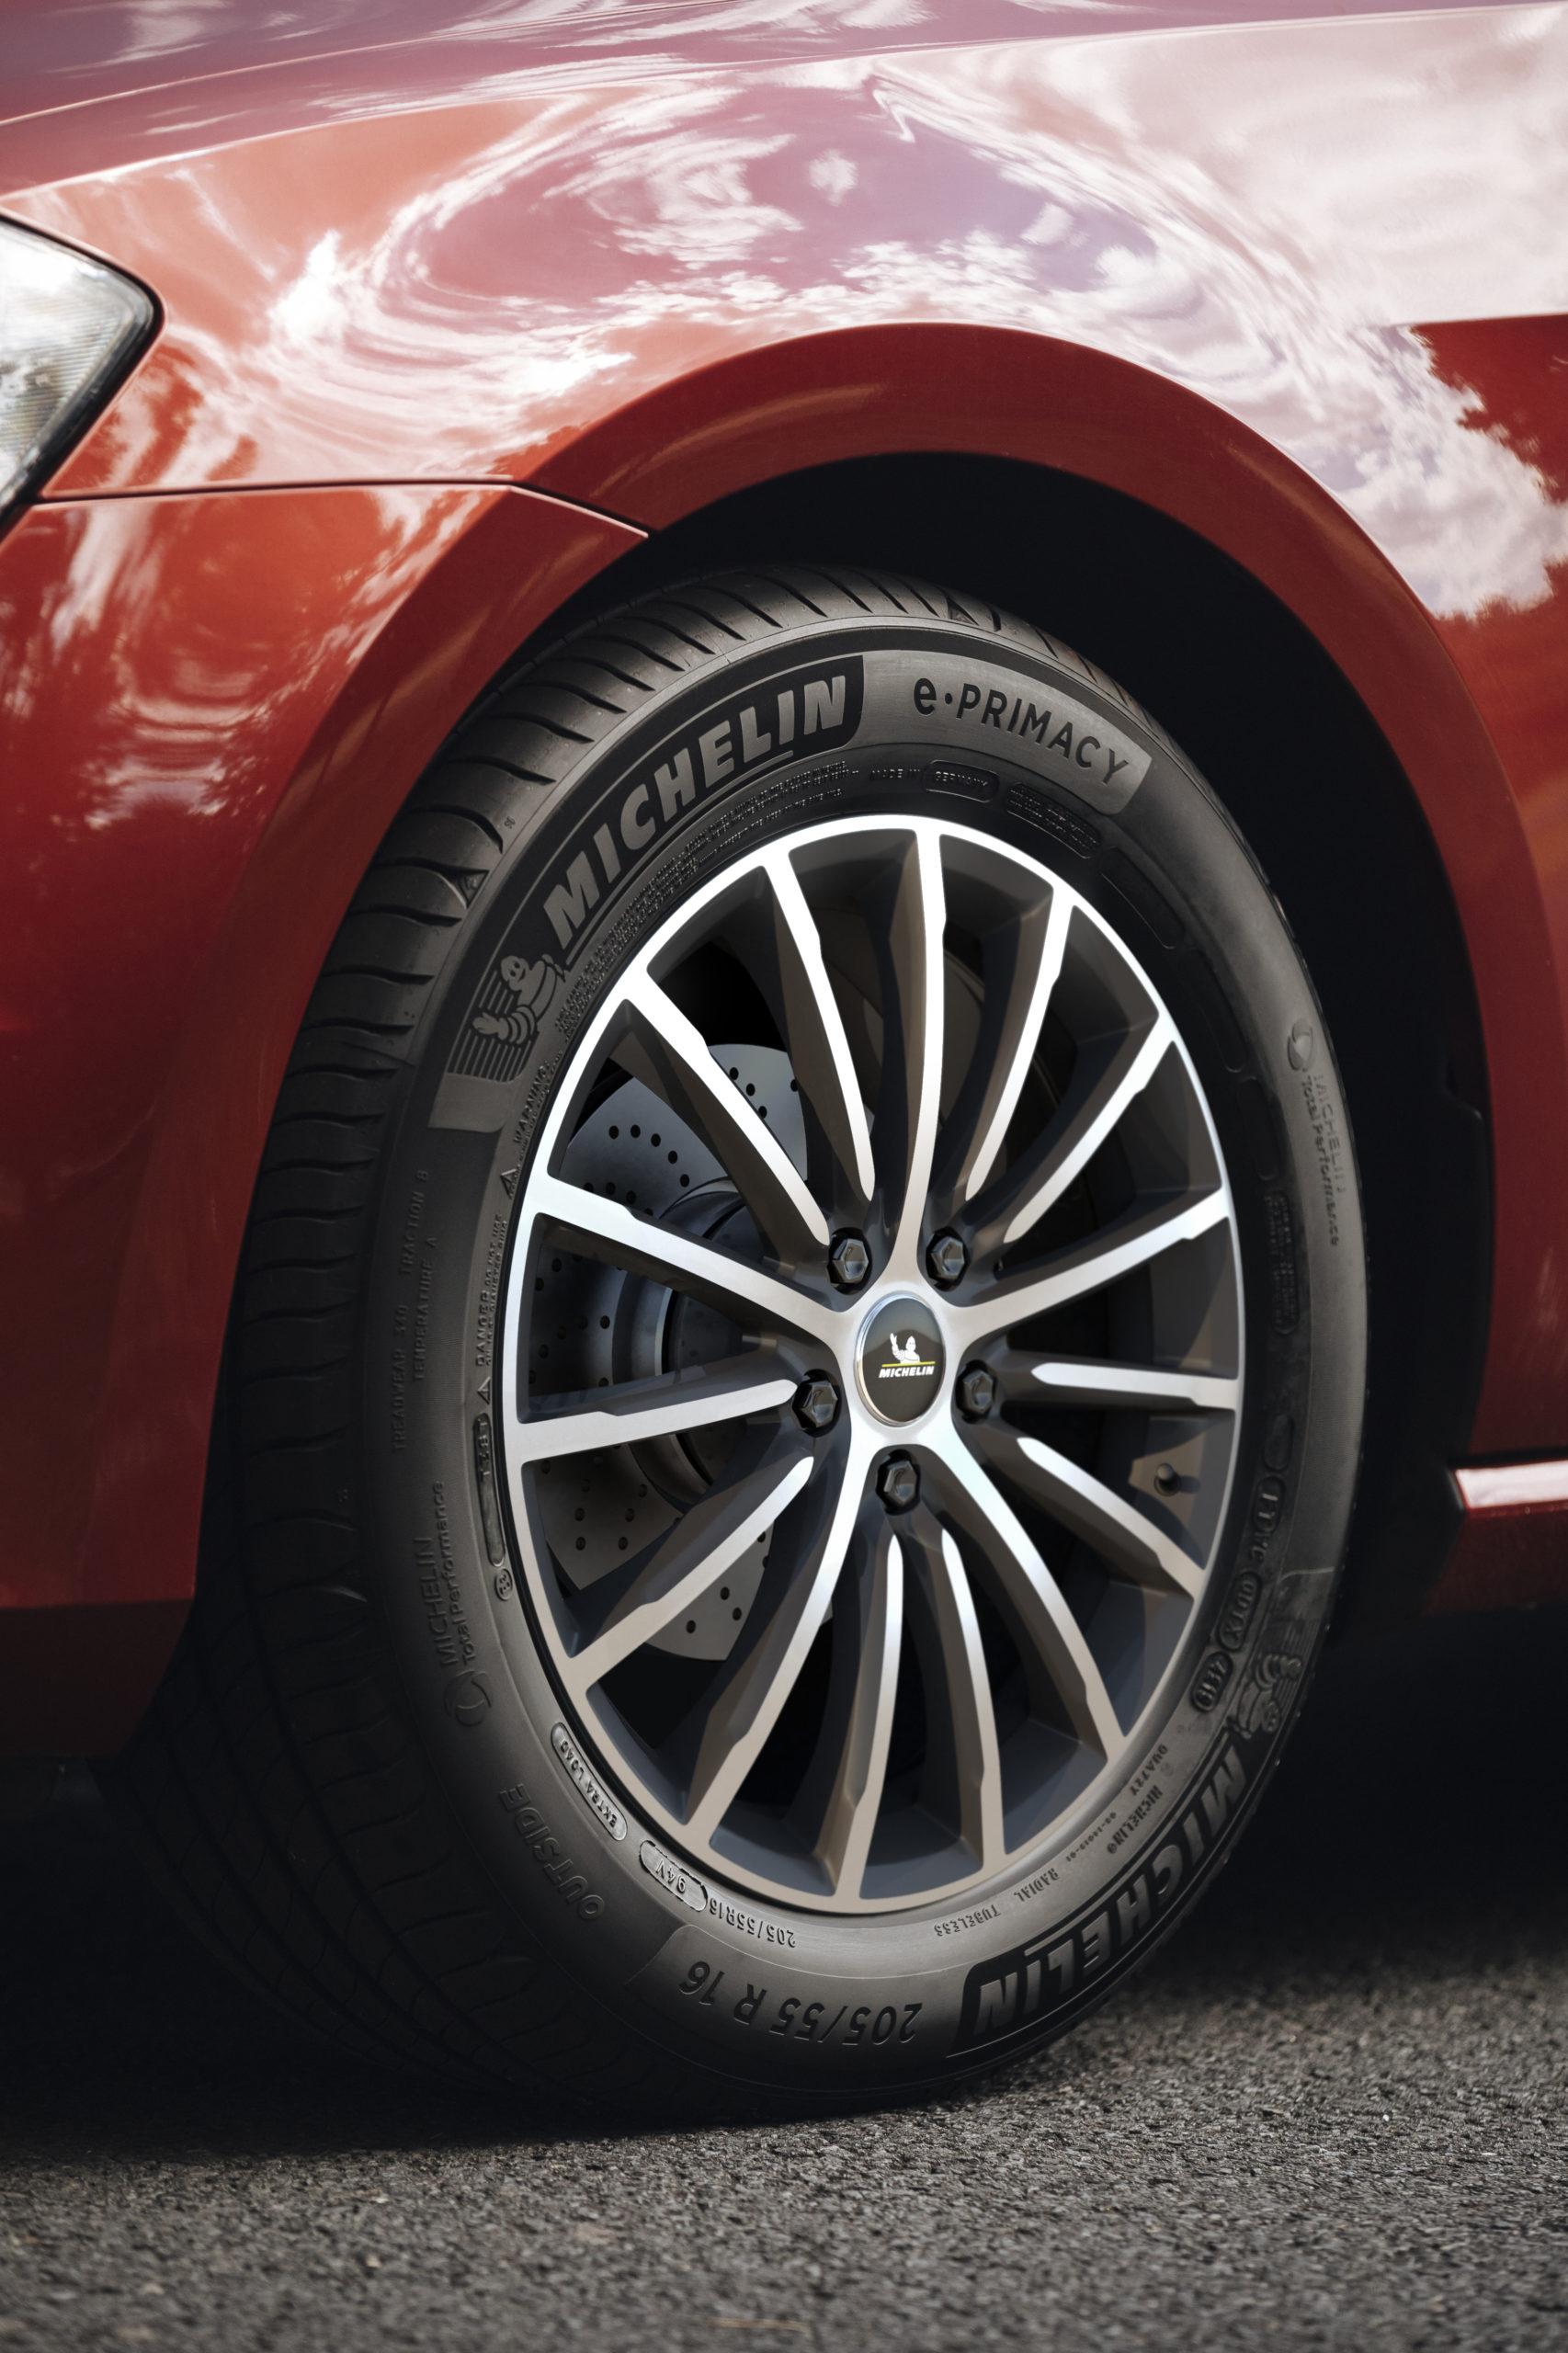 Närbild på Michelin-däcket, monterat på en röd Golf